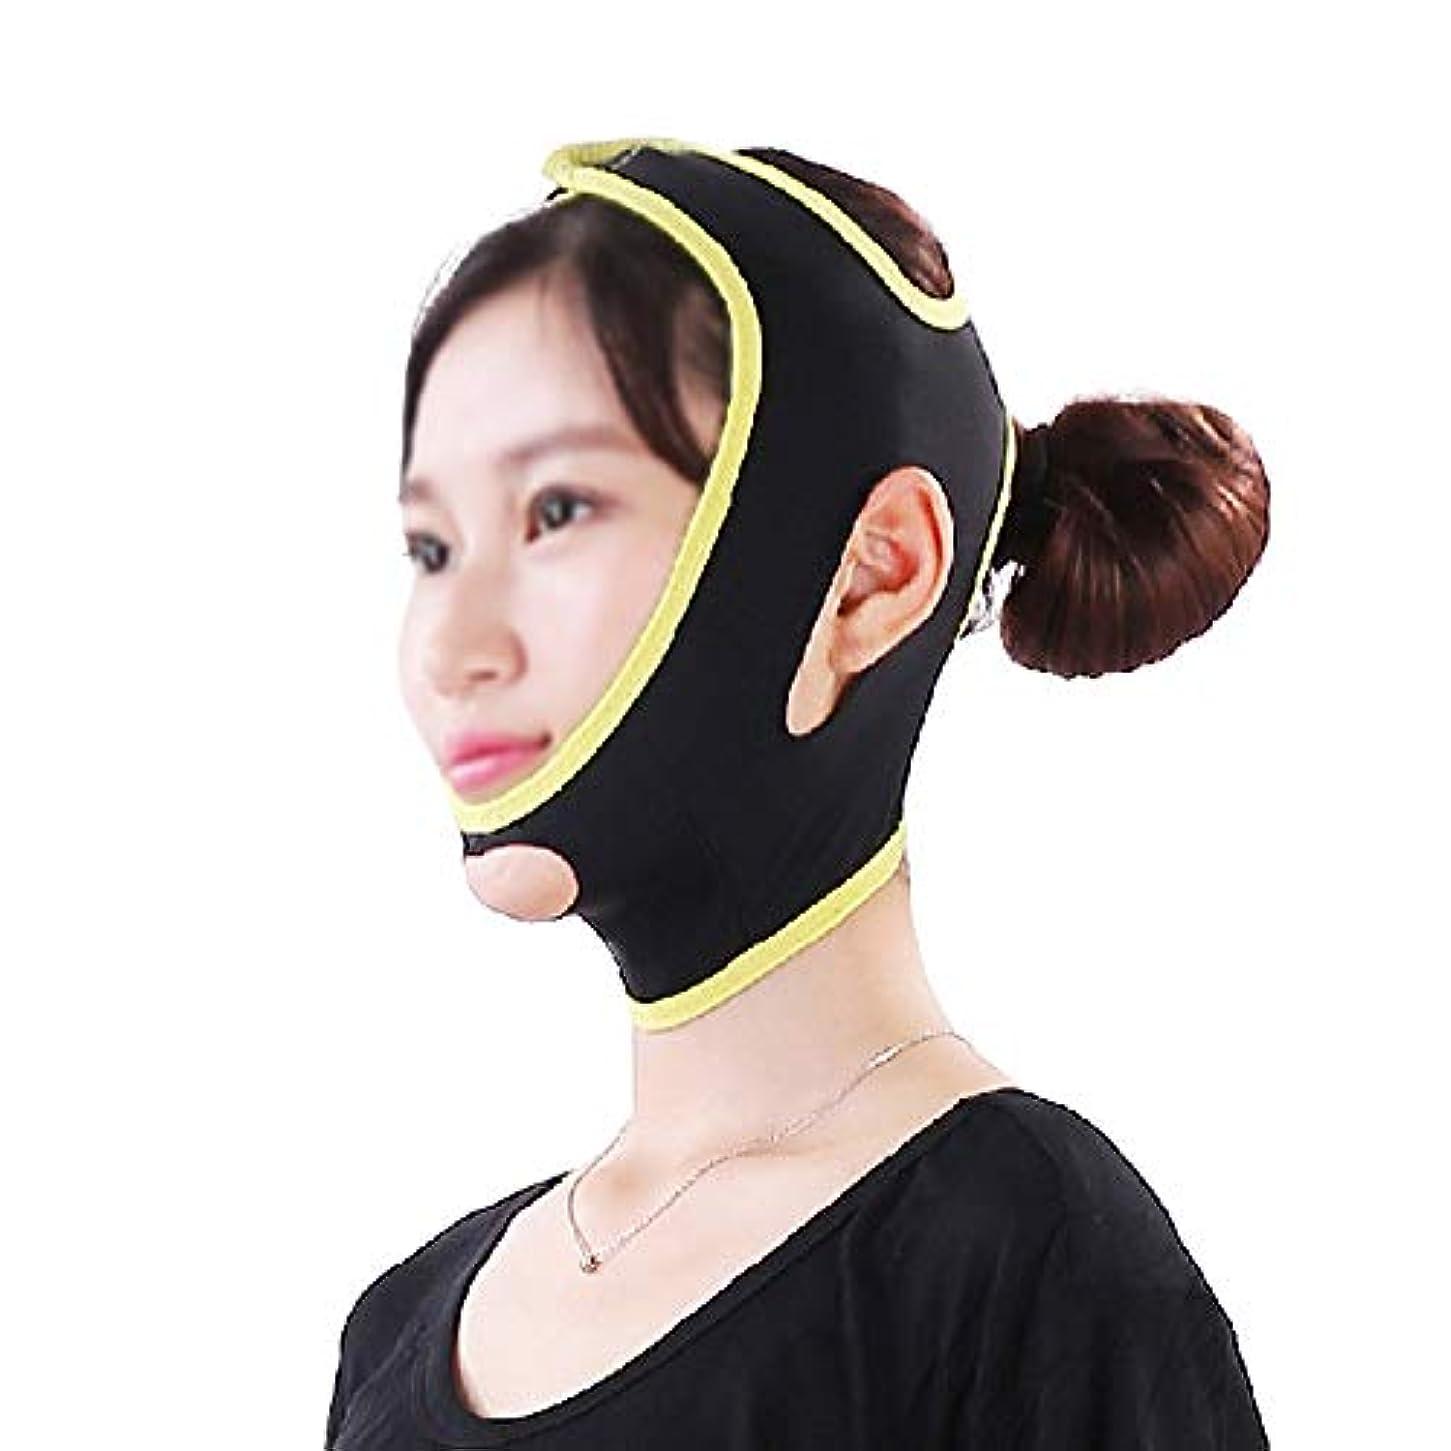 チチカカ湖正義失礼GLJJQMY 顔と首のリフトVマスクは顔面の輪郭を強調し、咬筋の引き締まったあごの超弾性包帯を緩和します 顔用整形マスク (Size : L)